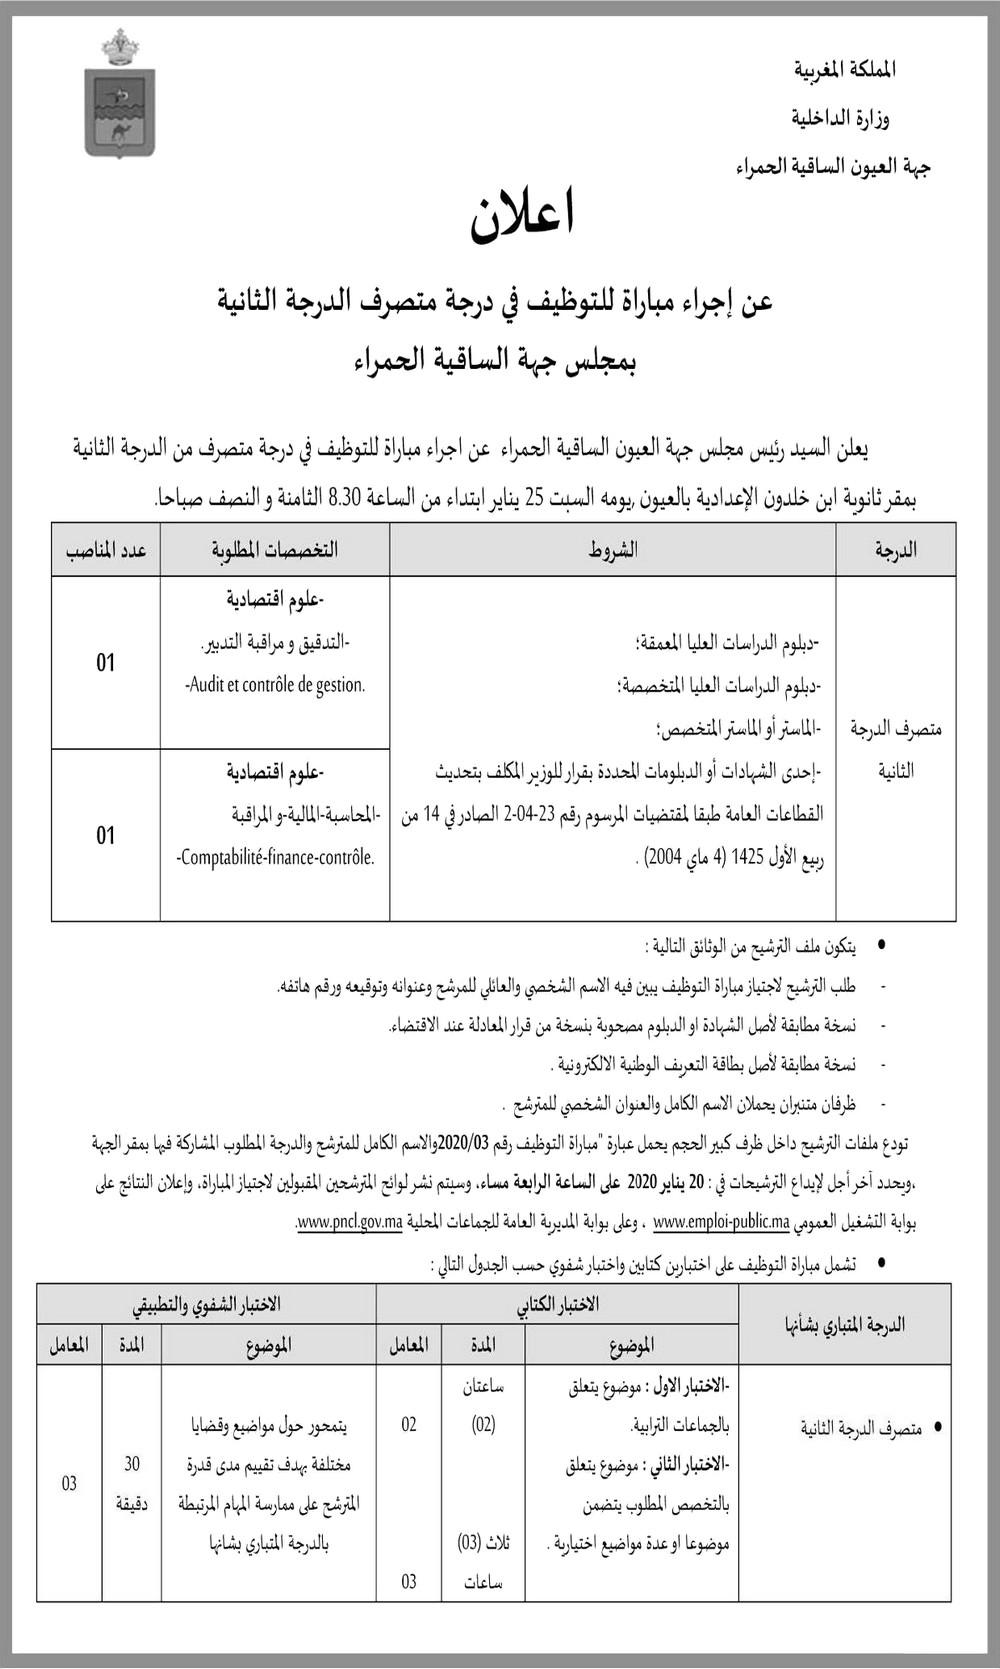 مجلس جهة العيون الساقية الحمراء : مباراة لتوظيف 15 منصب في عدة درجات و تخصصات  آخر أجل 20 يناير 2020 La3you10